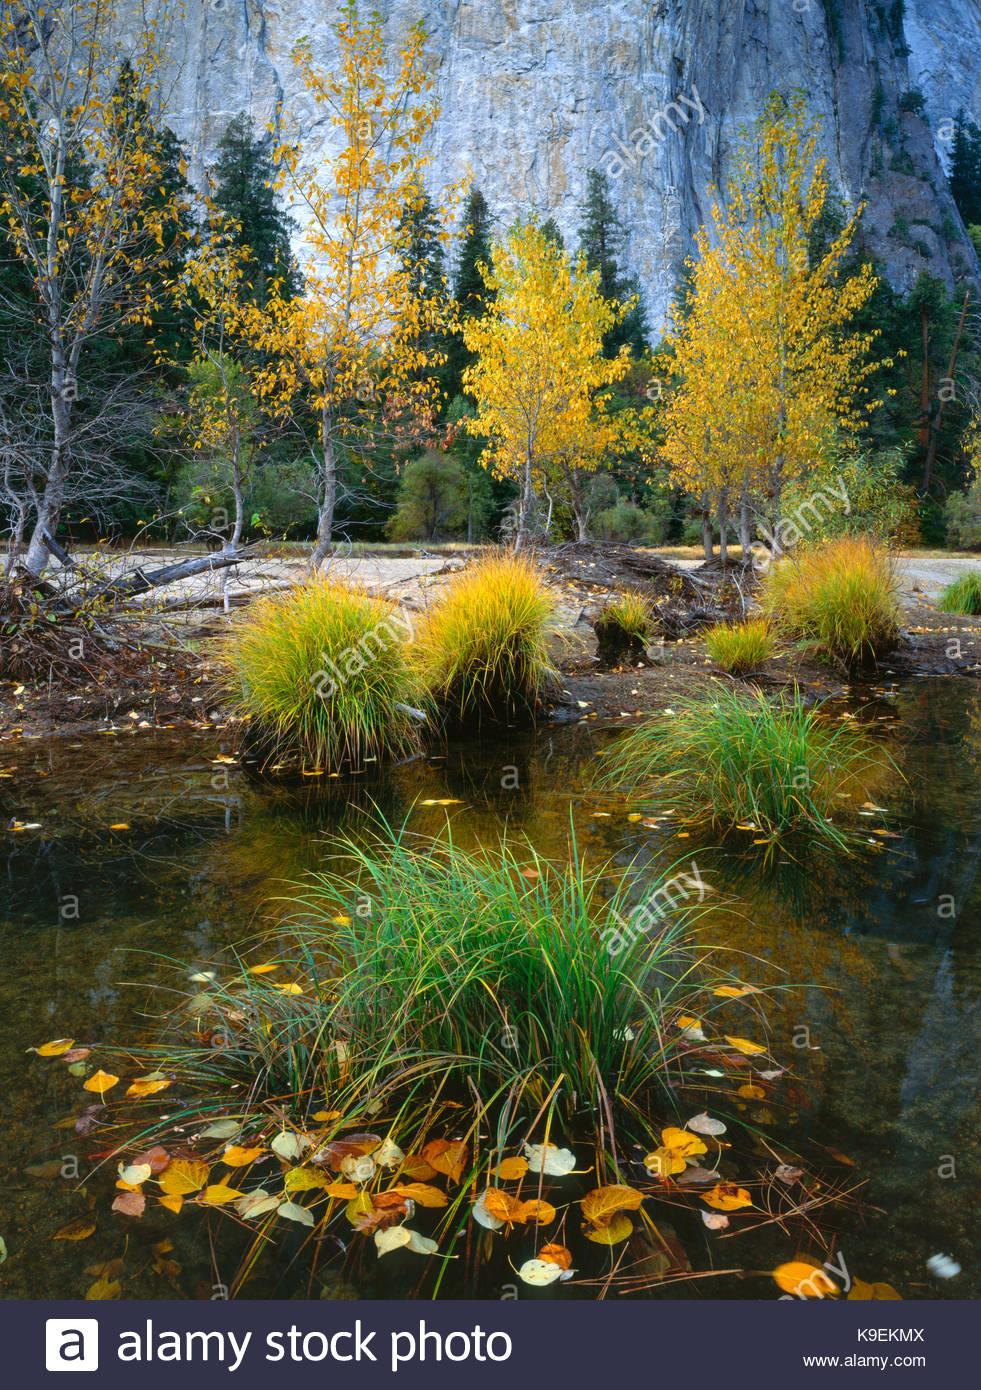 Le erbe e le foglie cadono nel fiume Merced, del Parco Nazionale Yosemite in California Immagini Stock